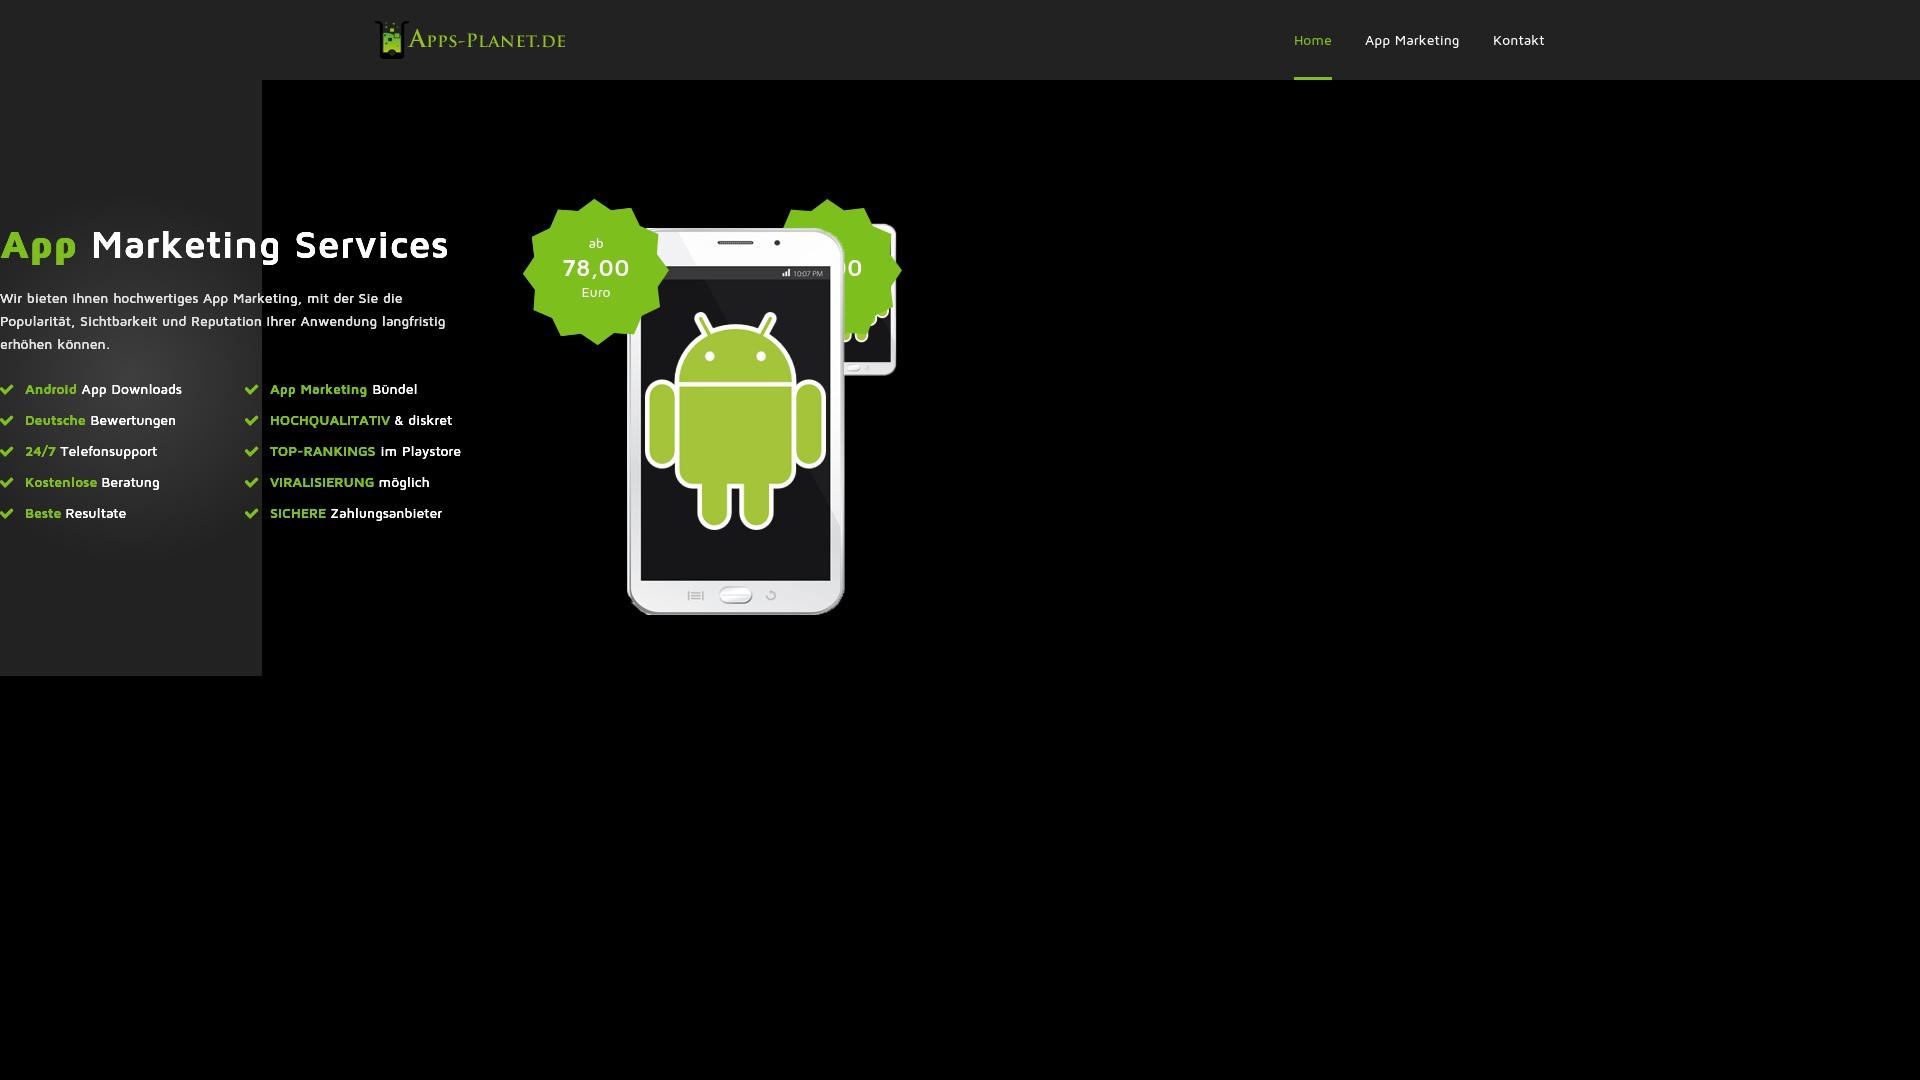 Gutschein für Apps-planet: Rabatte für  Apps-planet sichern